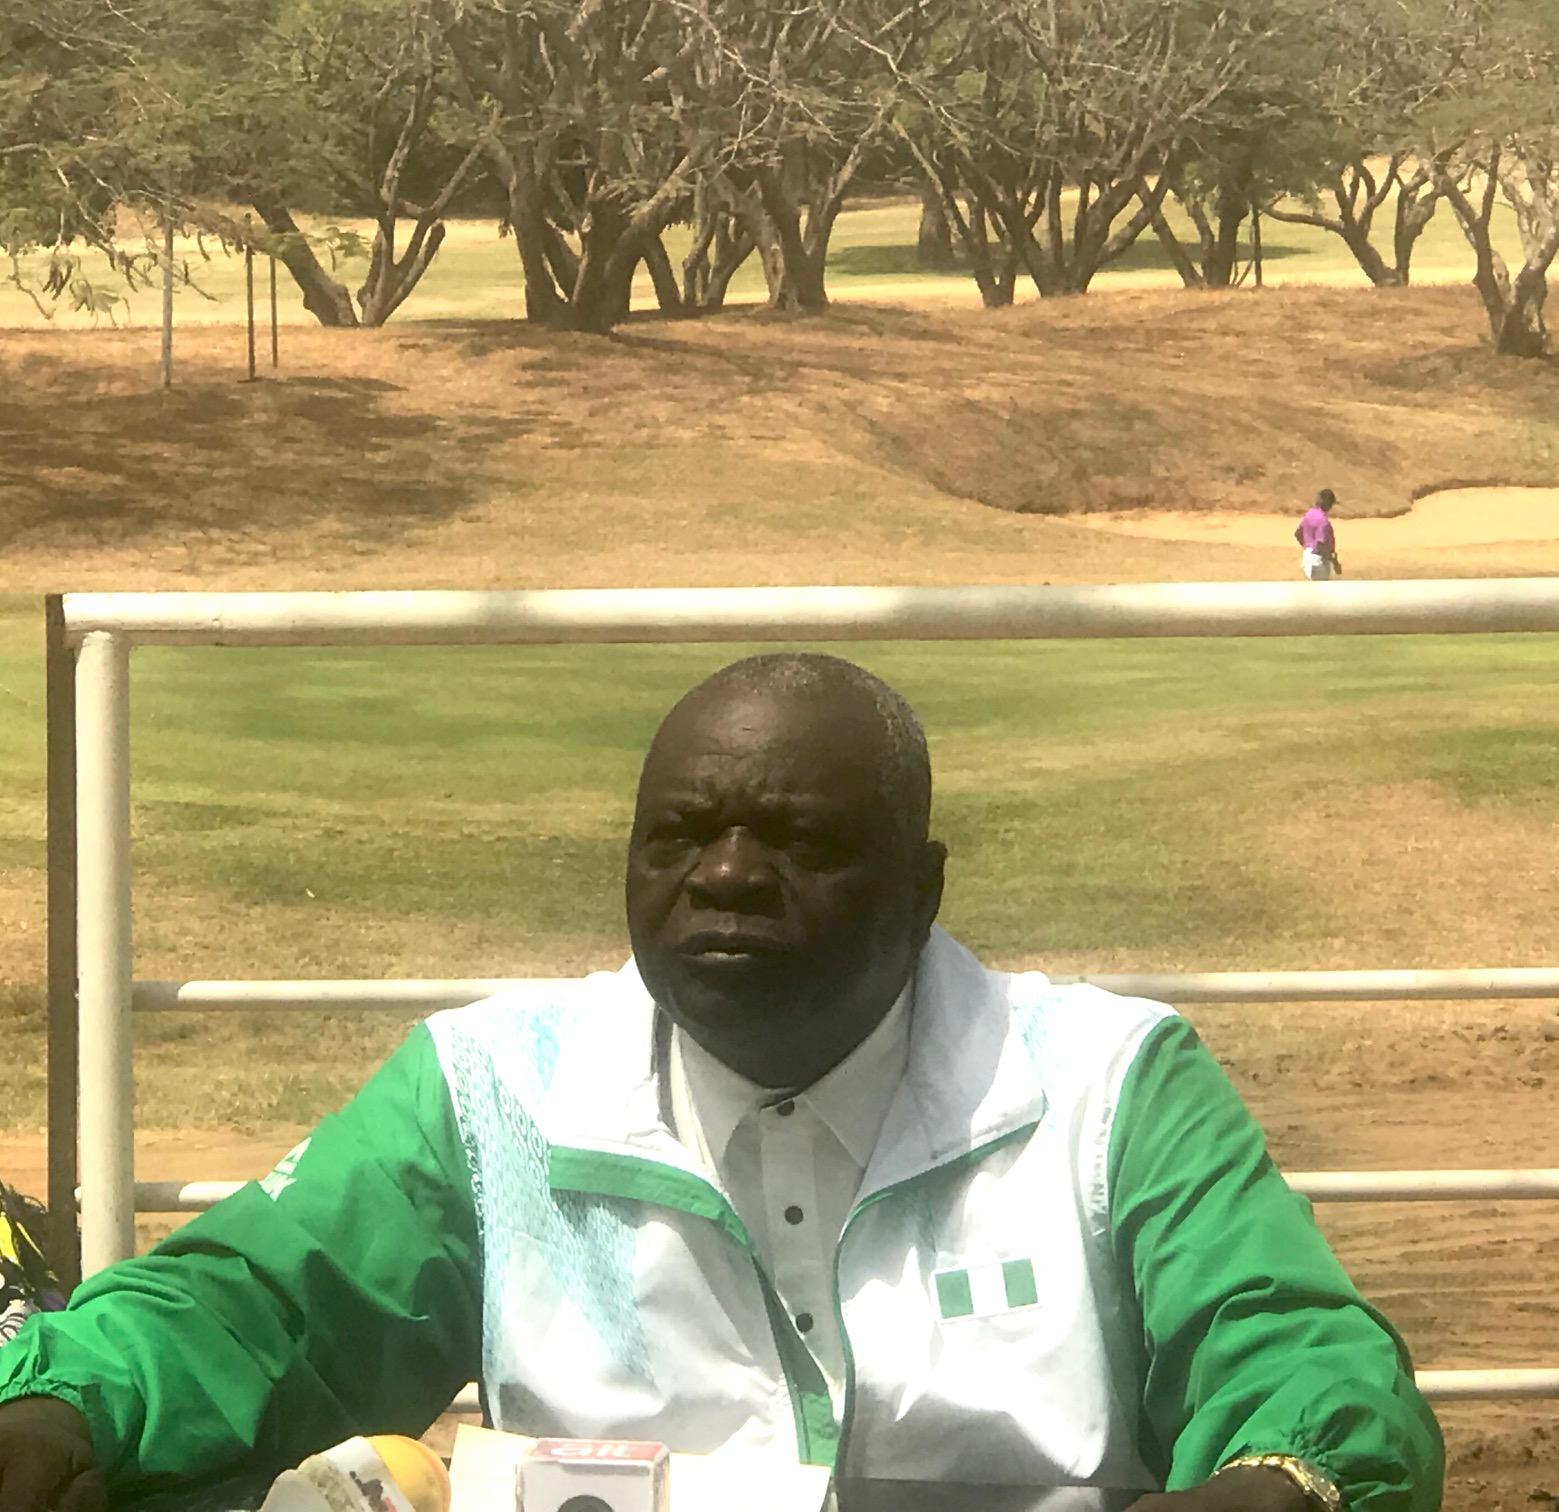 His Excellency Prince Olagunsoye Oyinlola